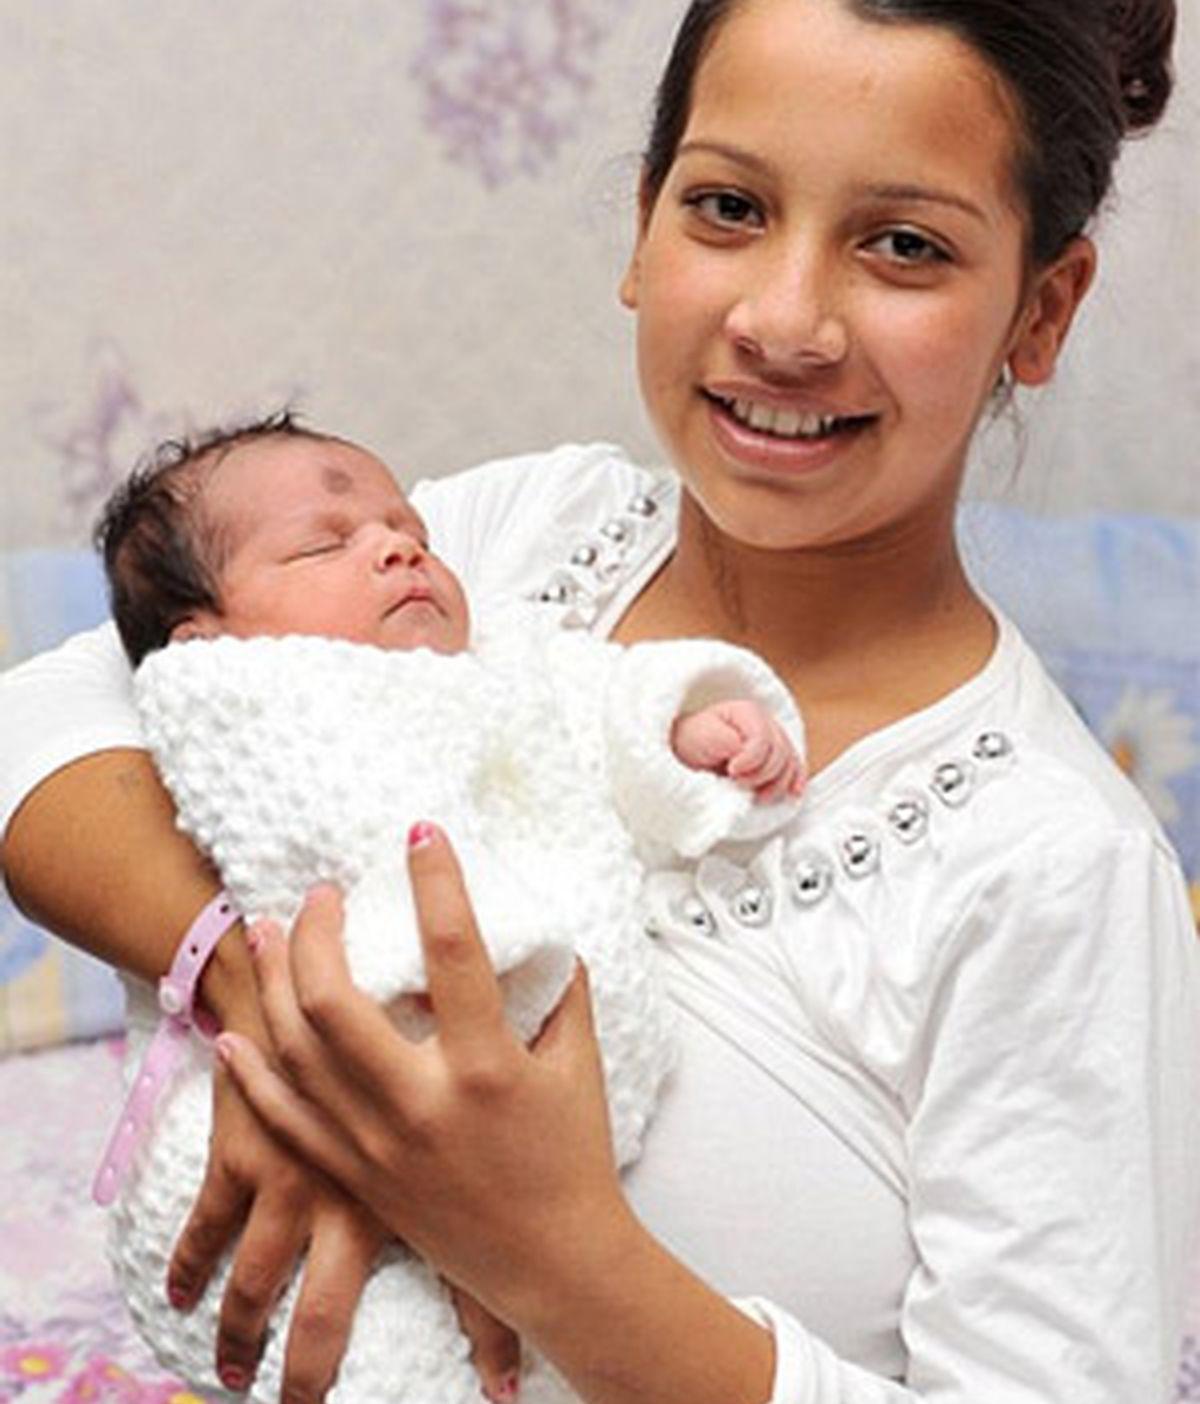 La joven Kordeza con su bebé recién nacido. Foto: News of the World